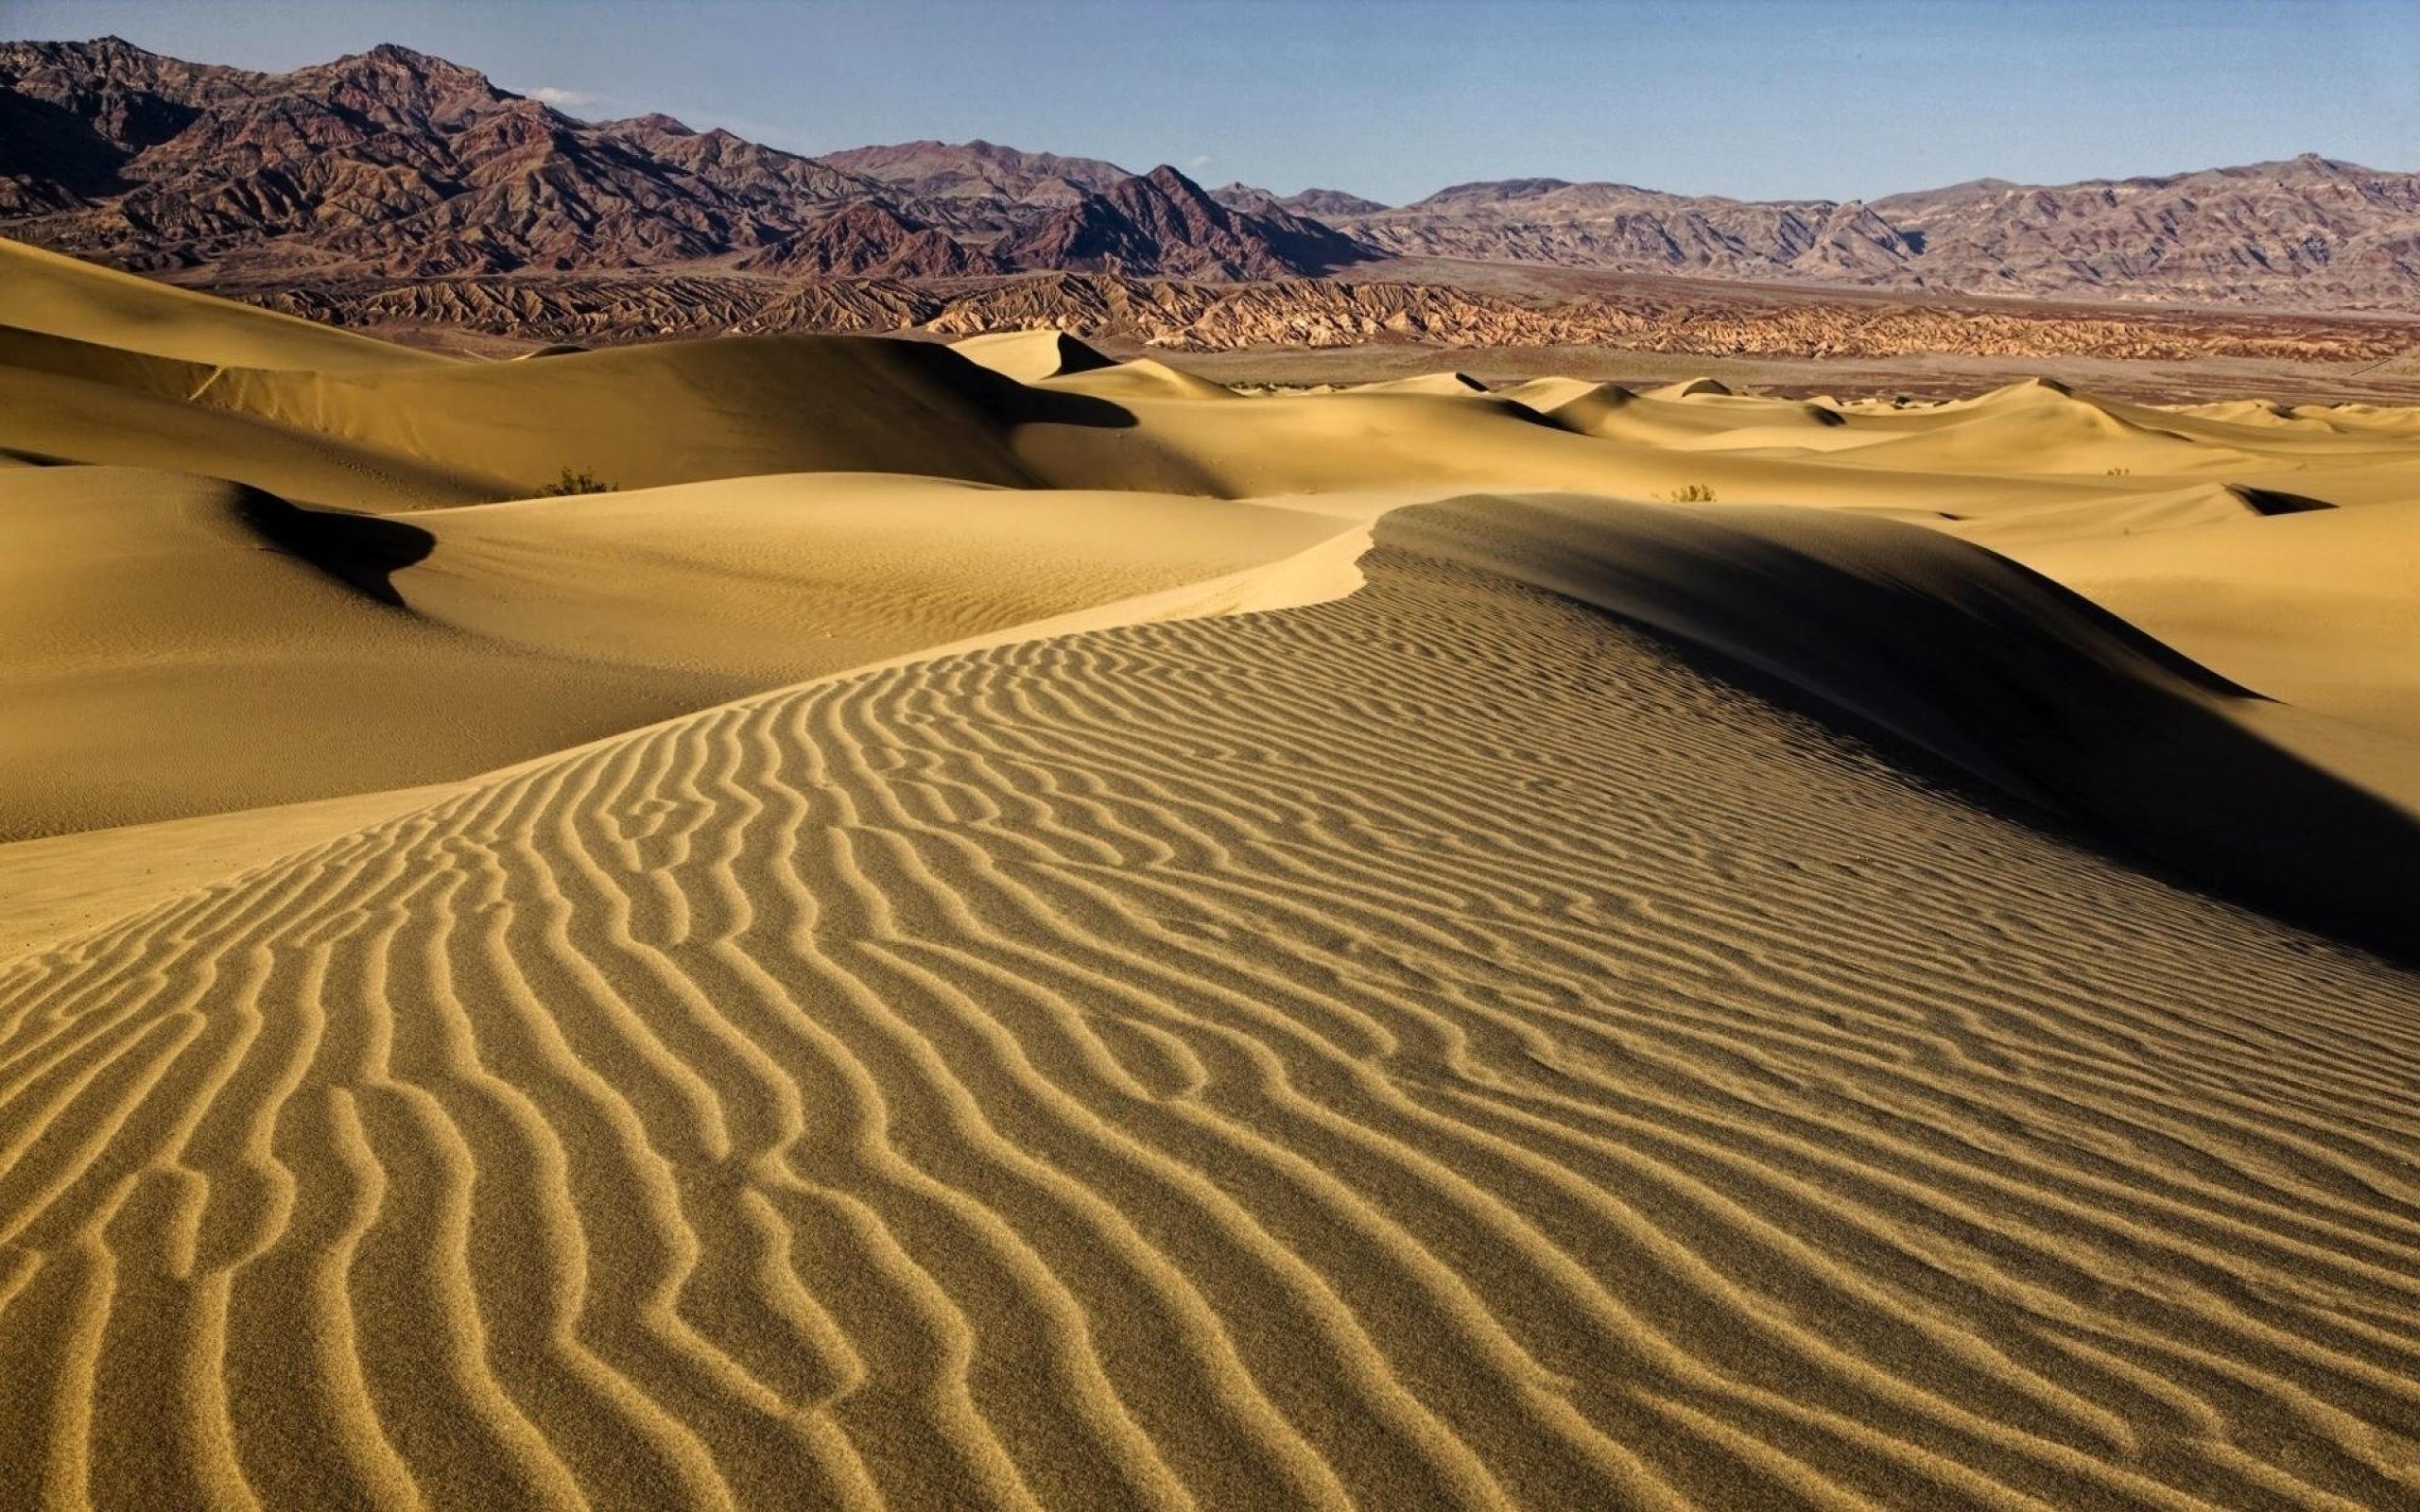 مصر تطرح مزايدة عالمية لبحث واستكشاف النفط في الصحراء الشرقية